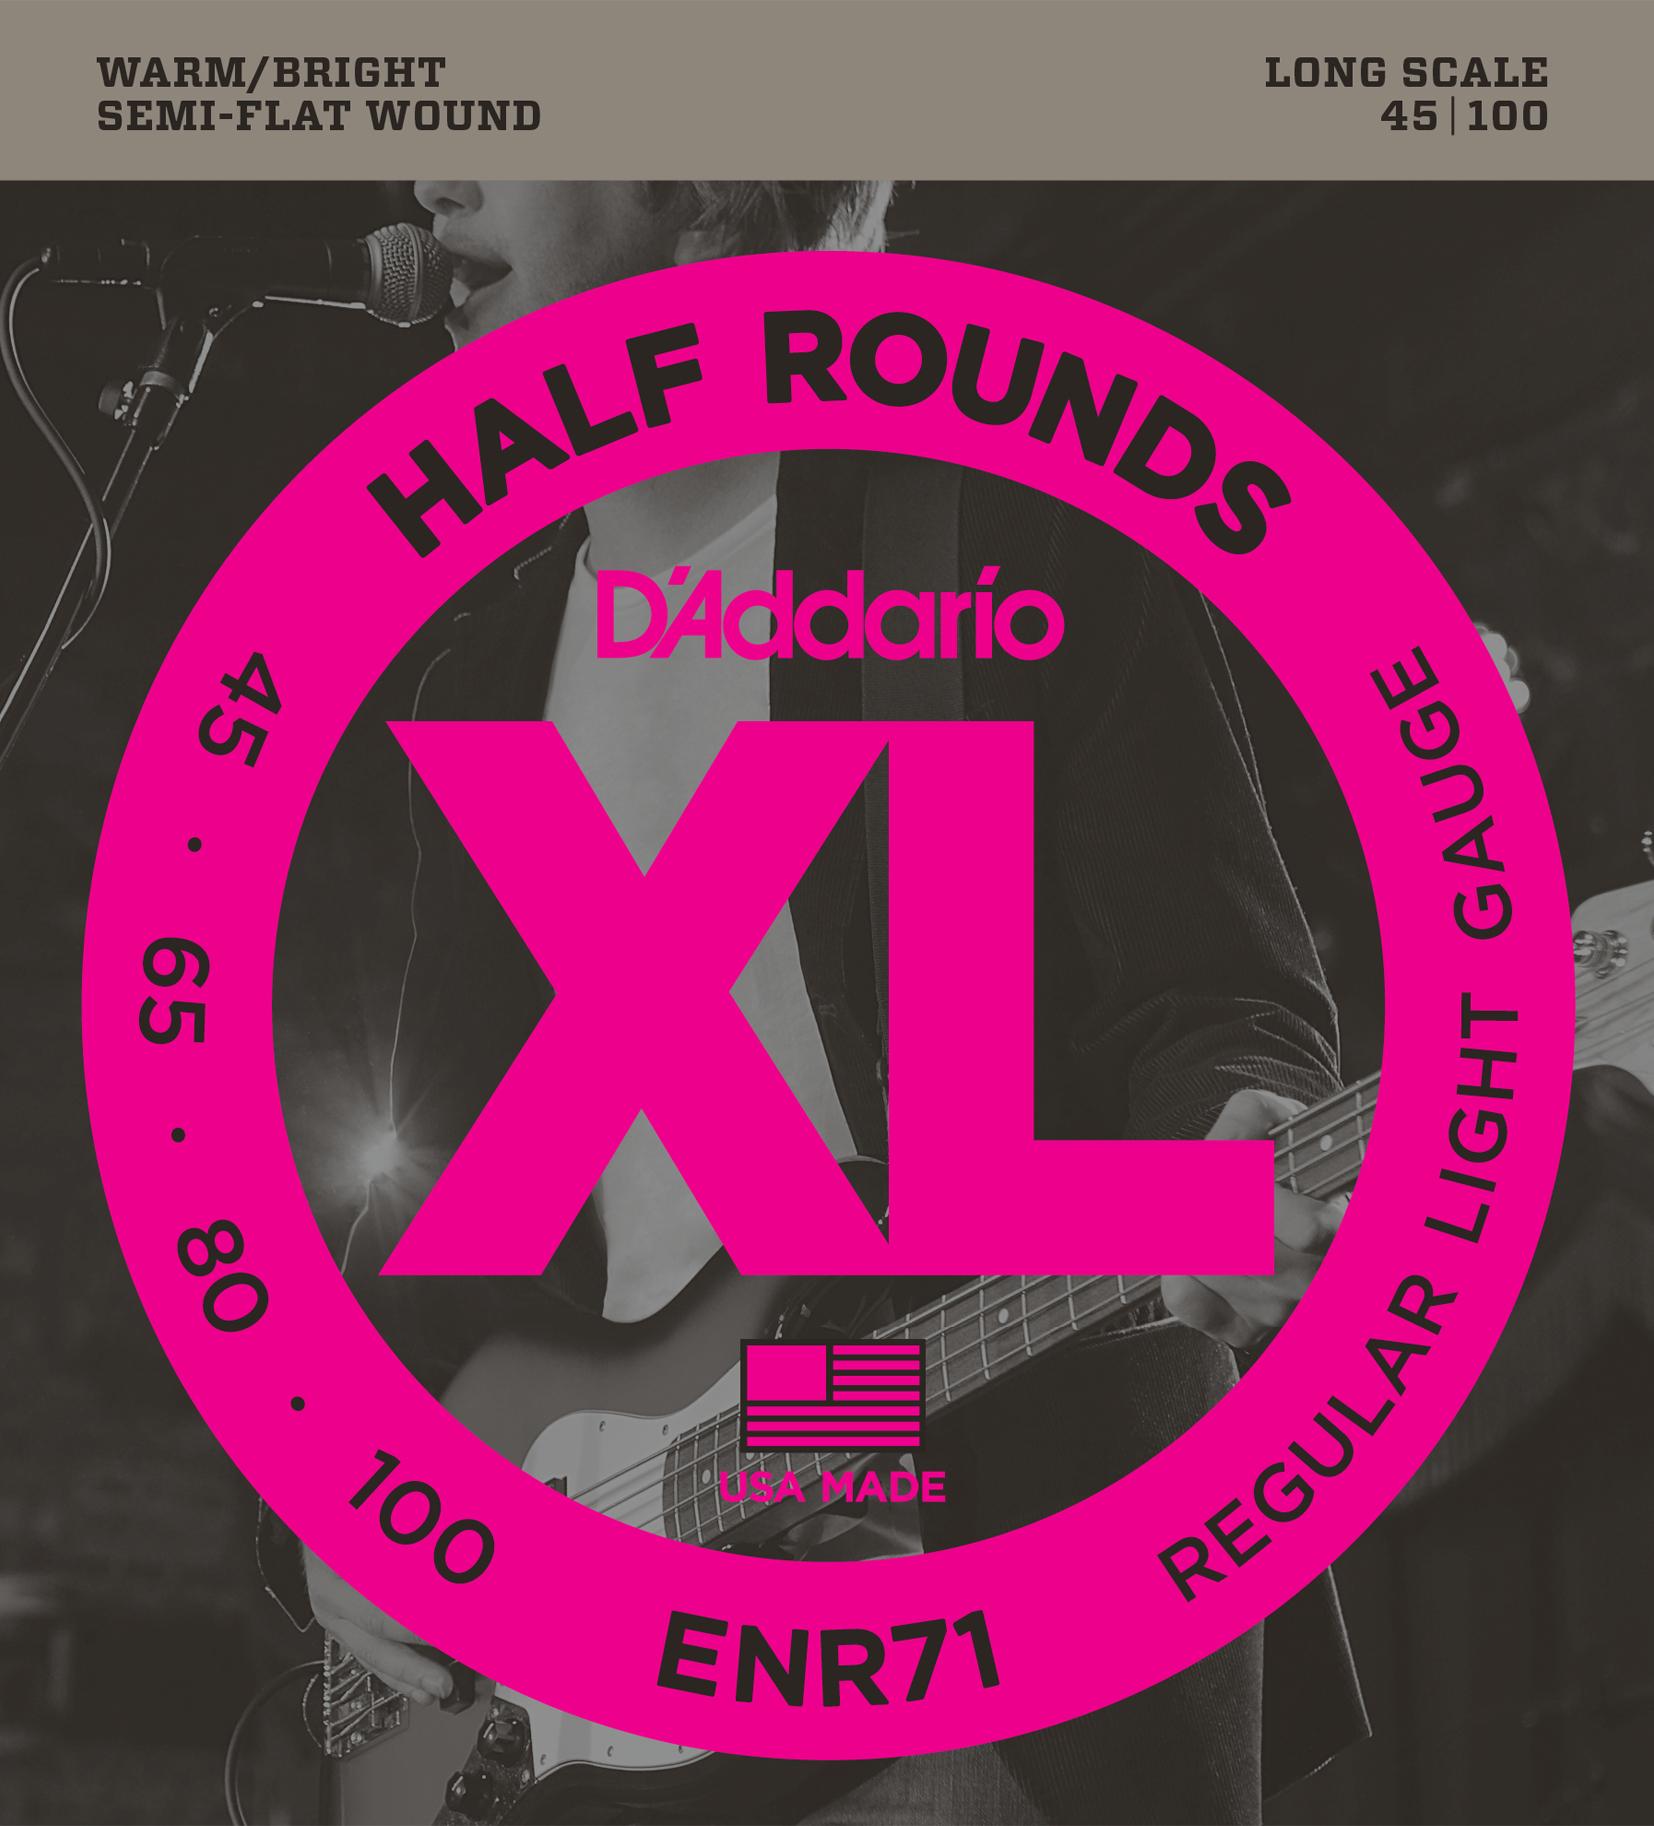 D'Addario ENR71 Bass Half-Round 45-100 long